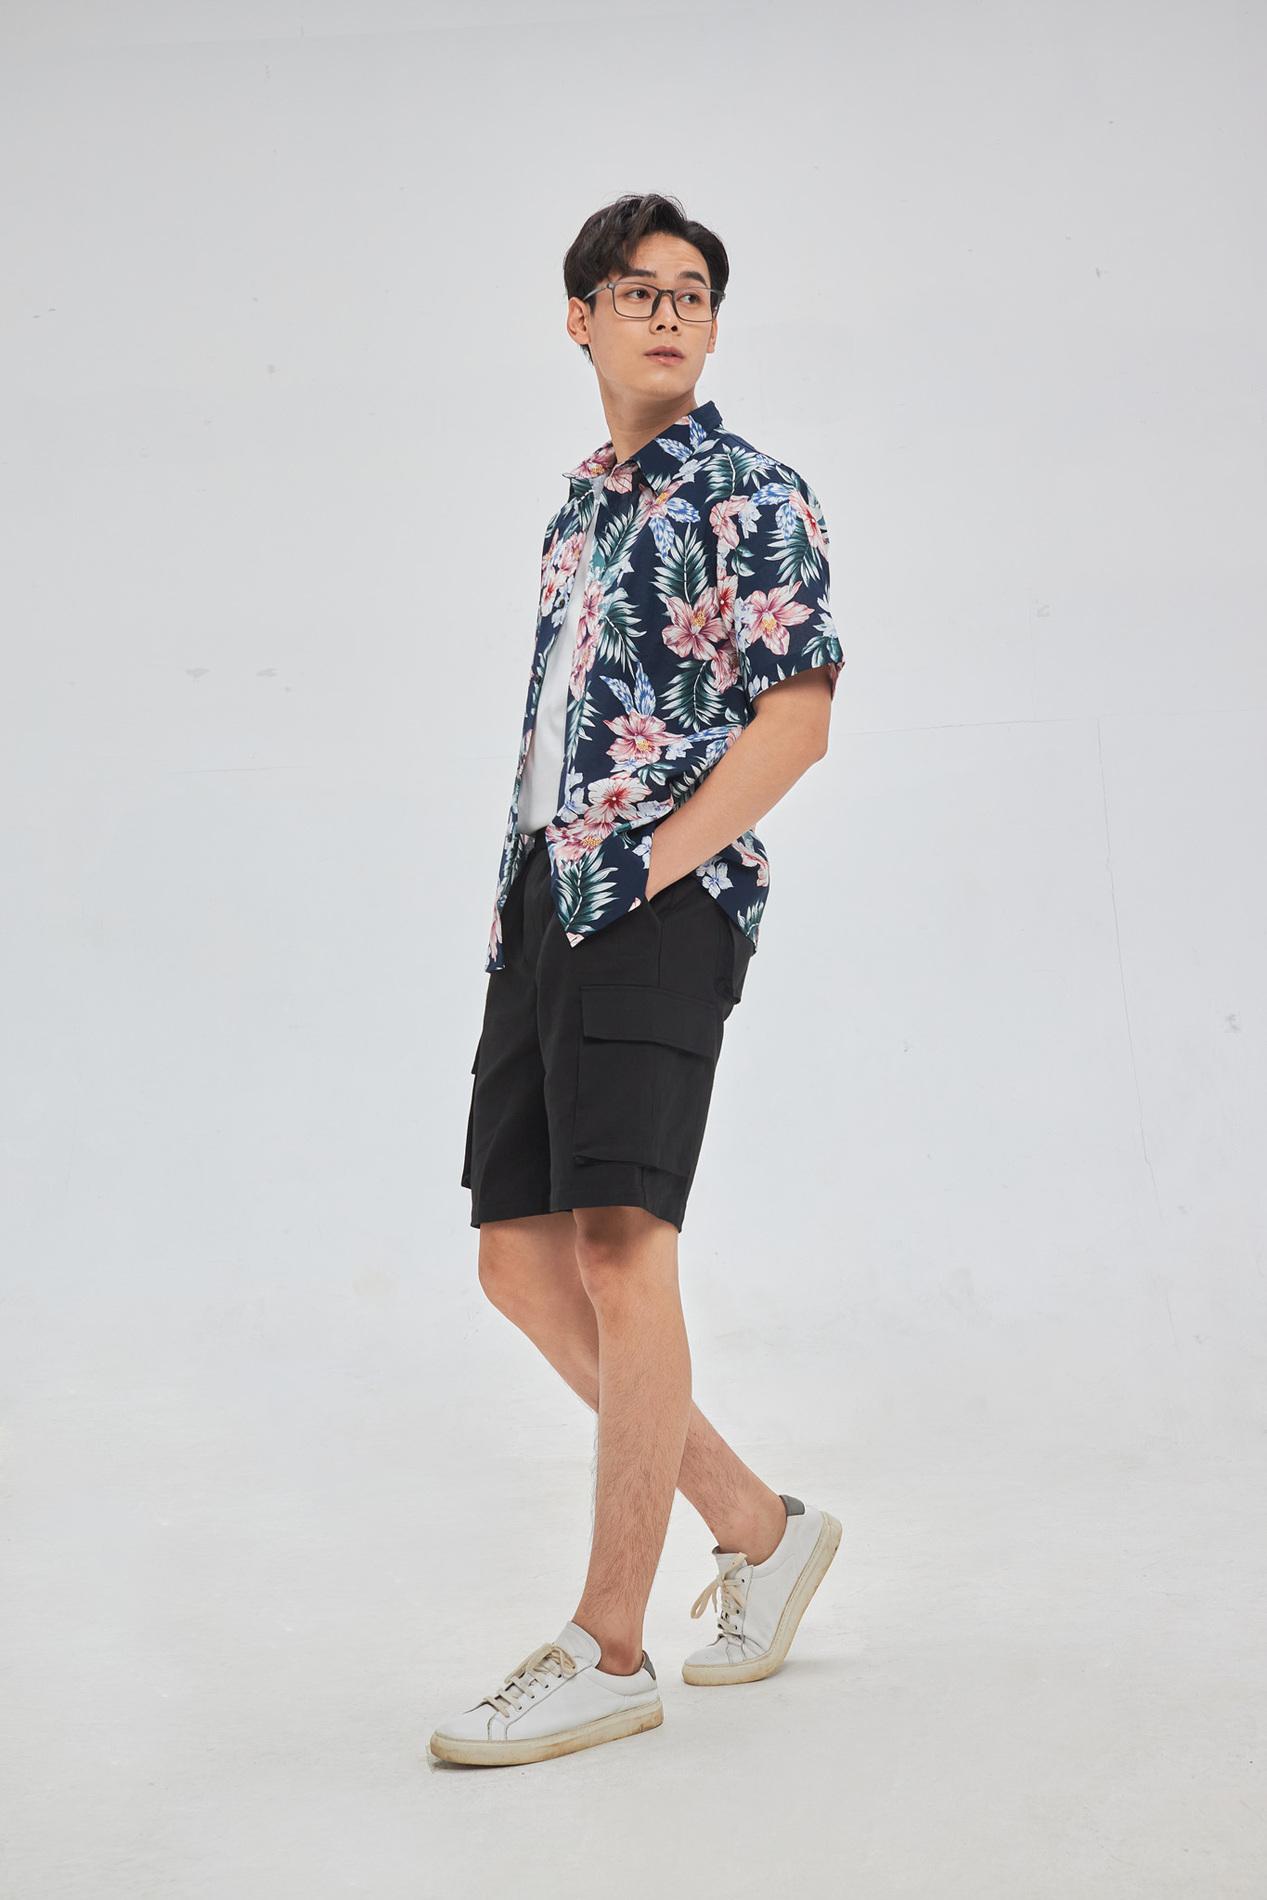 Look Floral Shirt 2021 V2